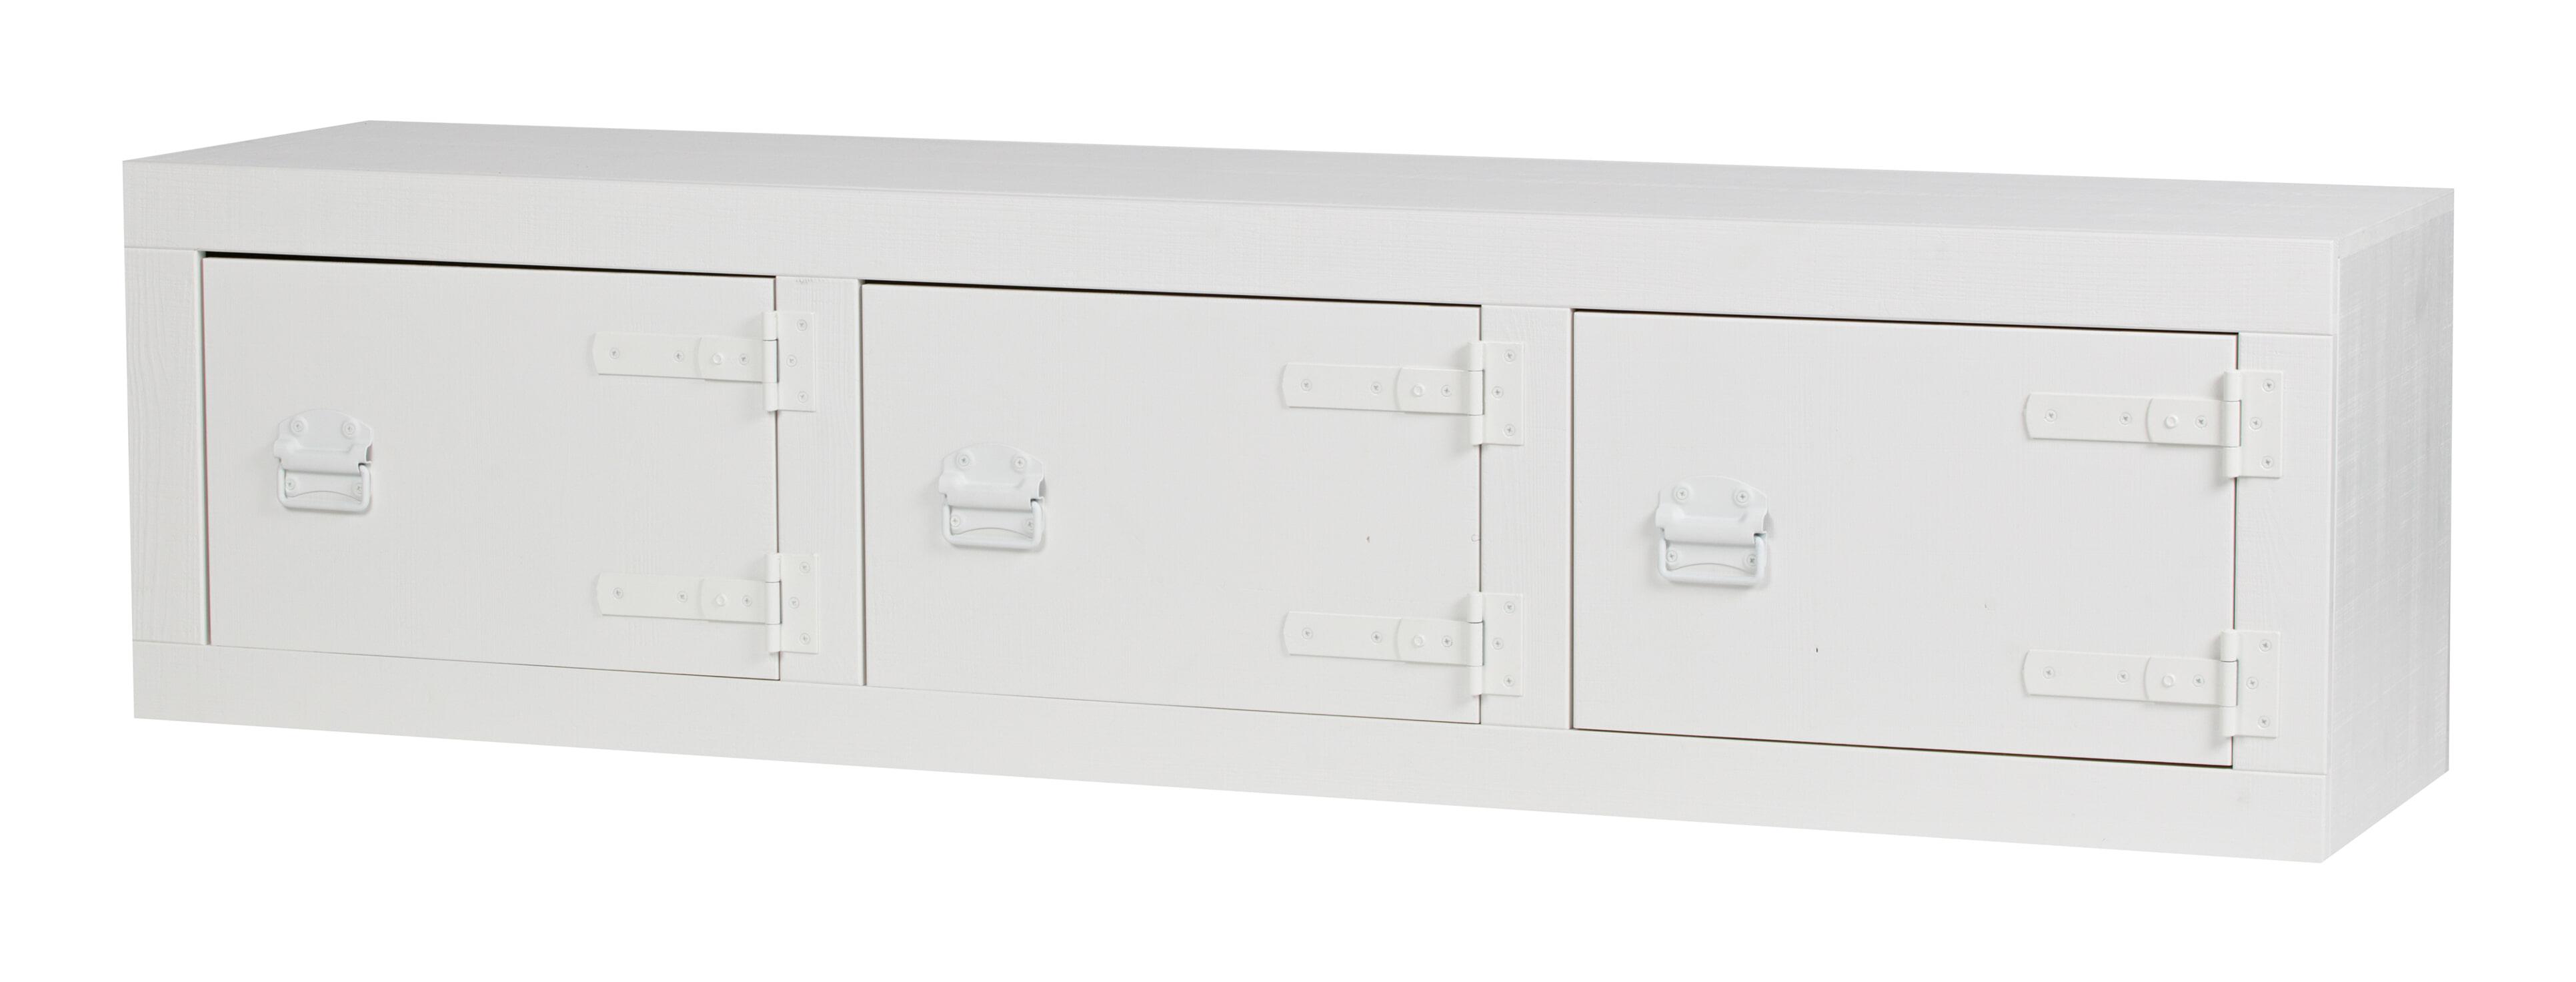 vtwonen Tv-meubel 'Bunk' 177cm, kleur Wit Grofgezaagd grenenhout afgewerkt in kleur wit aanschaffen? Kijk hier!